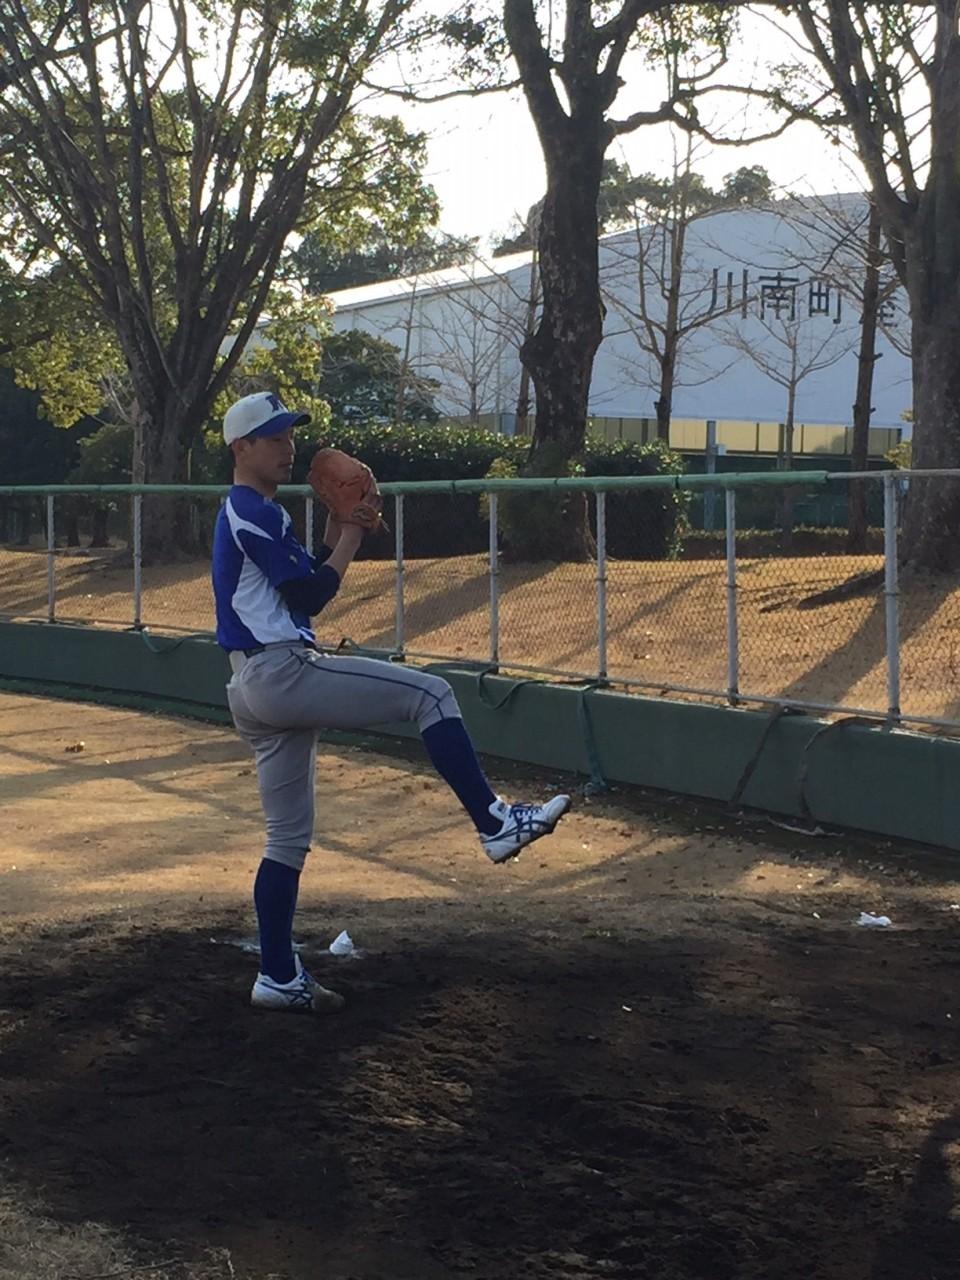 嶋田選手ピッチング